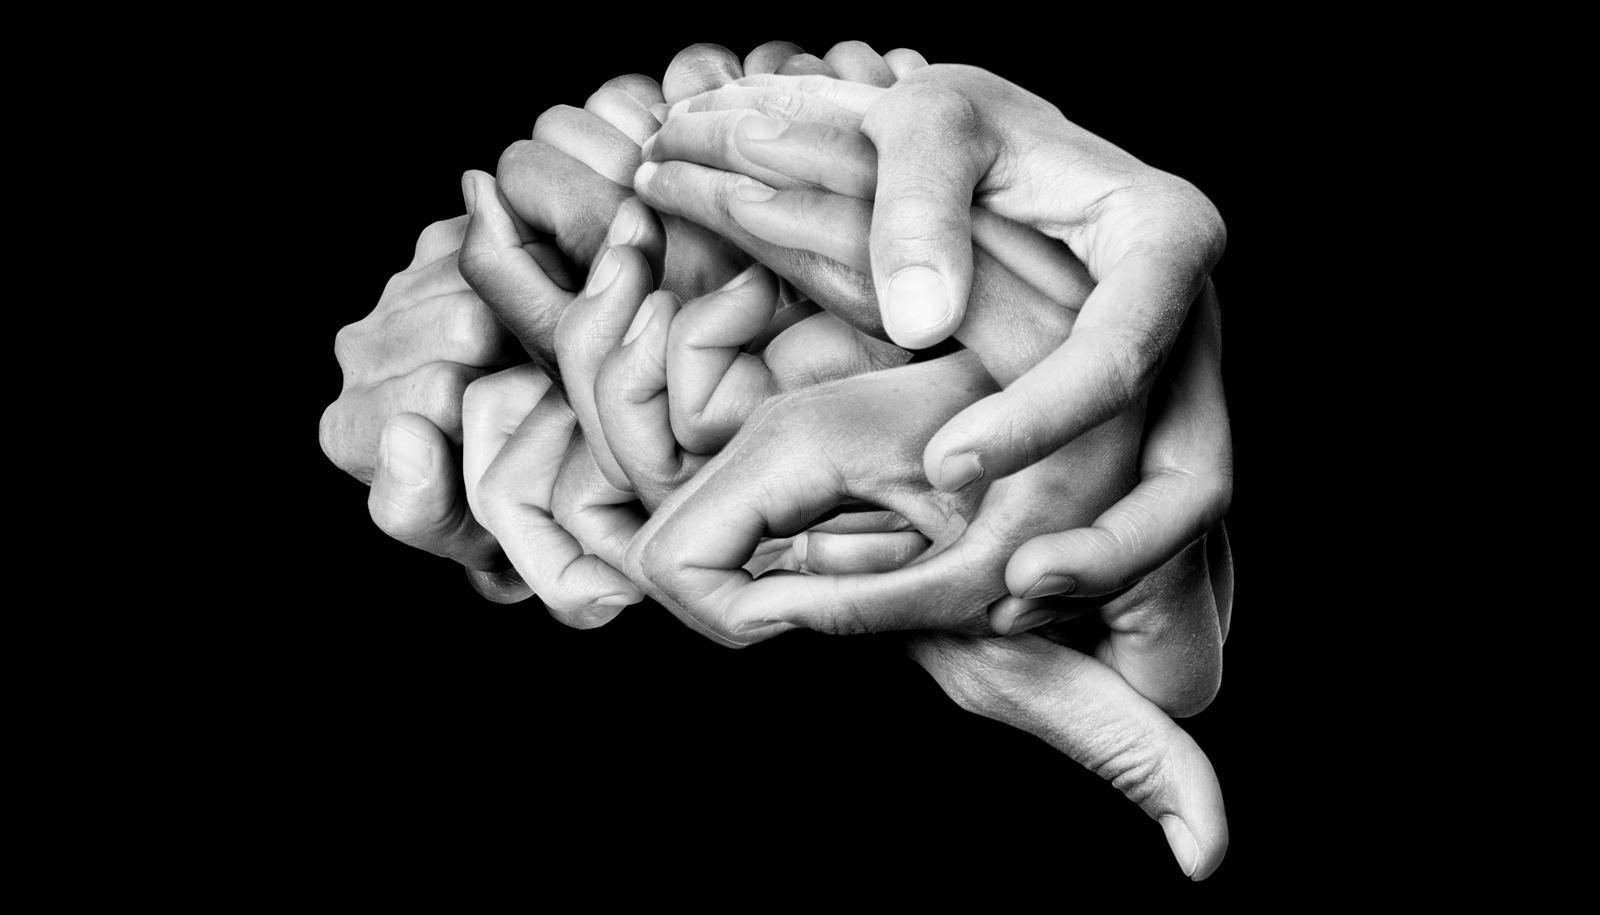 how we understand metaphors - brain made of hands concept